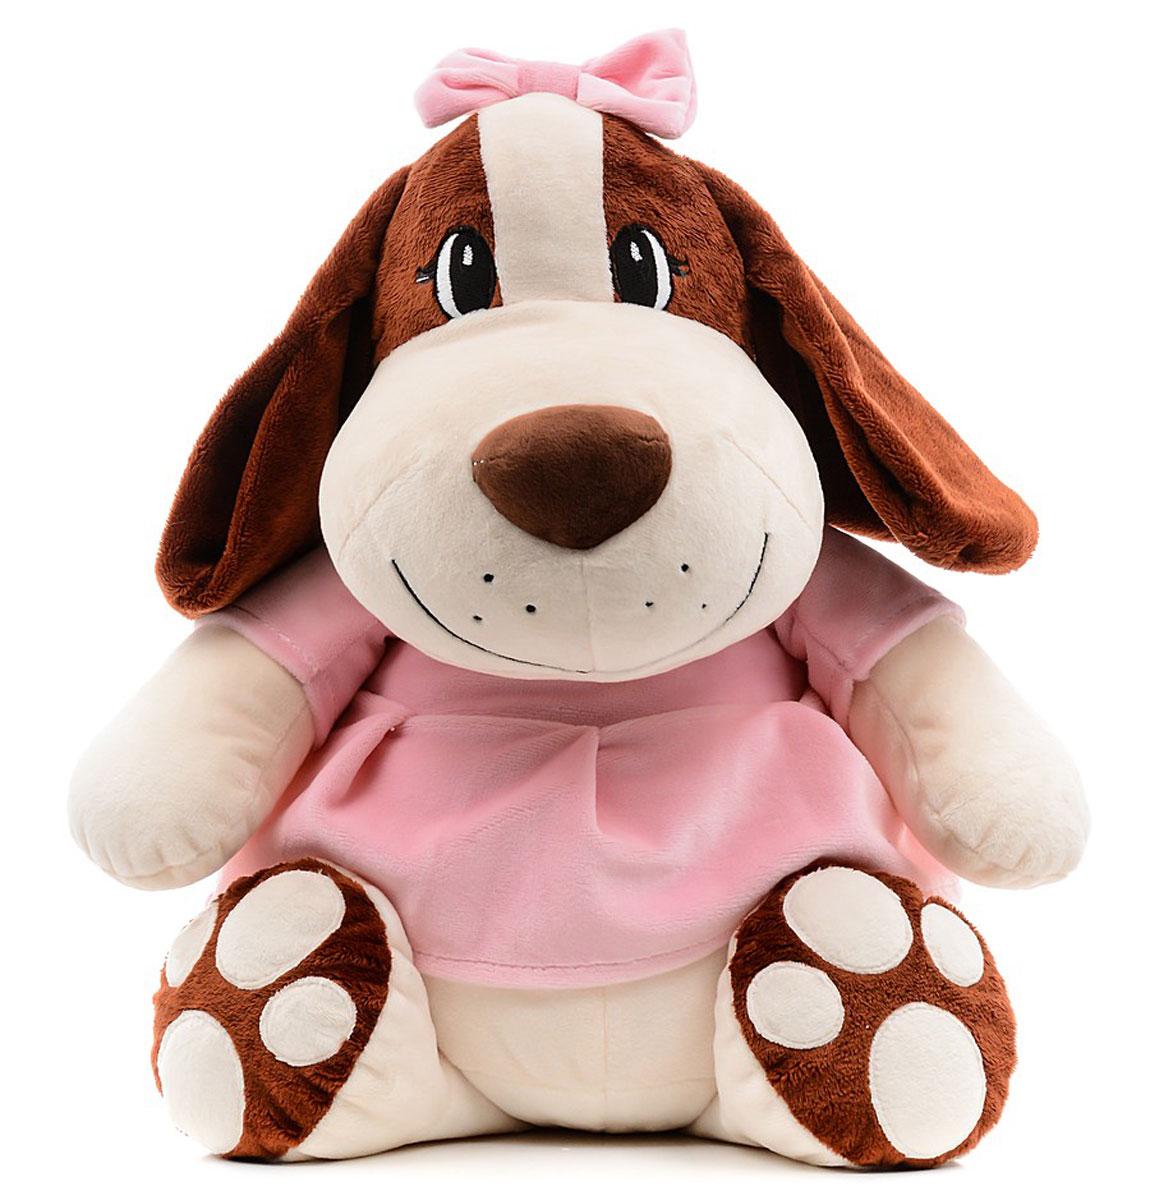 СмолТойс Мягкая игрушка Собачка Сонечка 47 см